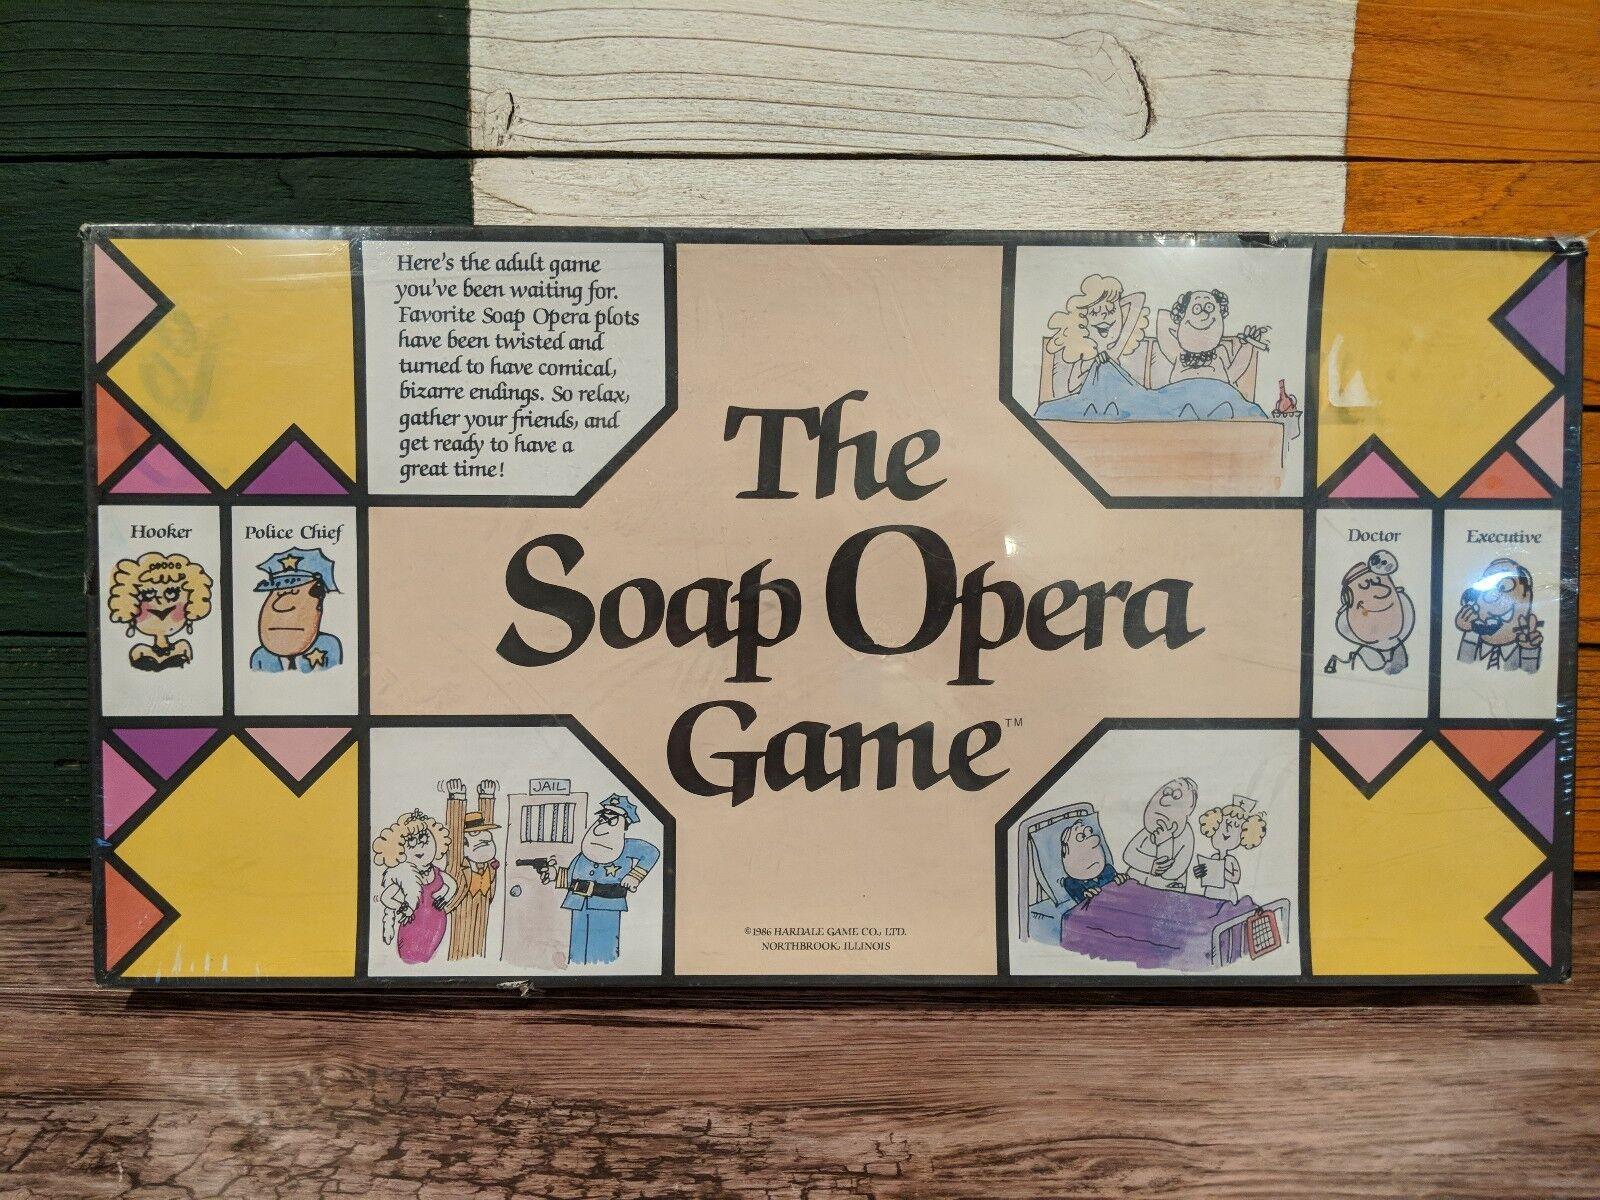 Jahrgang der seifenoper - spiel 1986 - new in box - hardale spiel co. ltd.